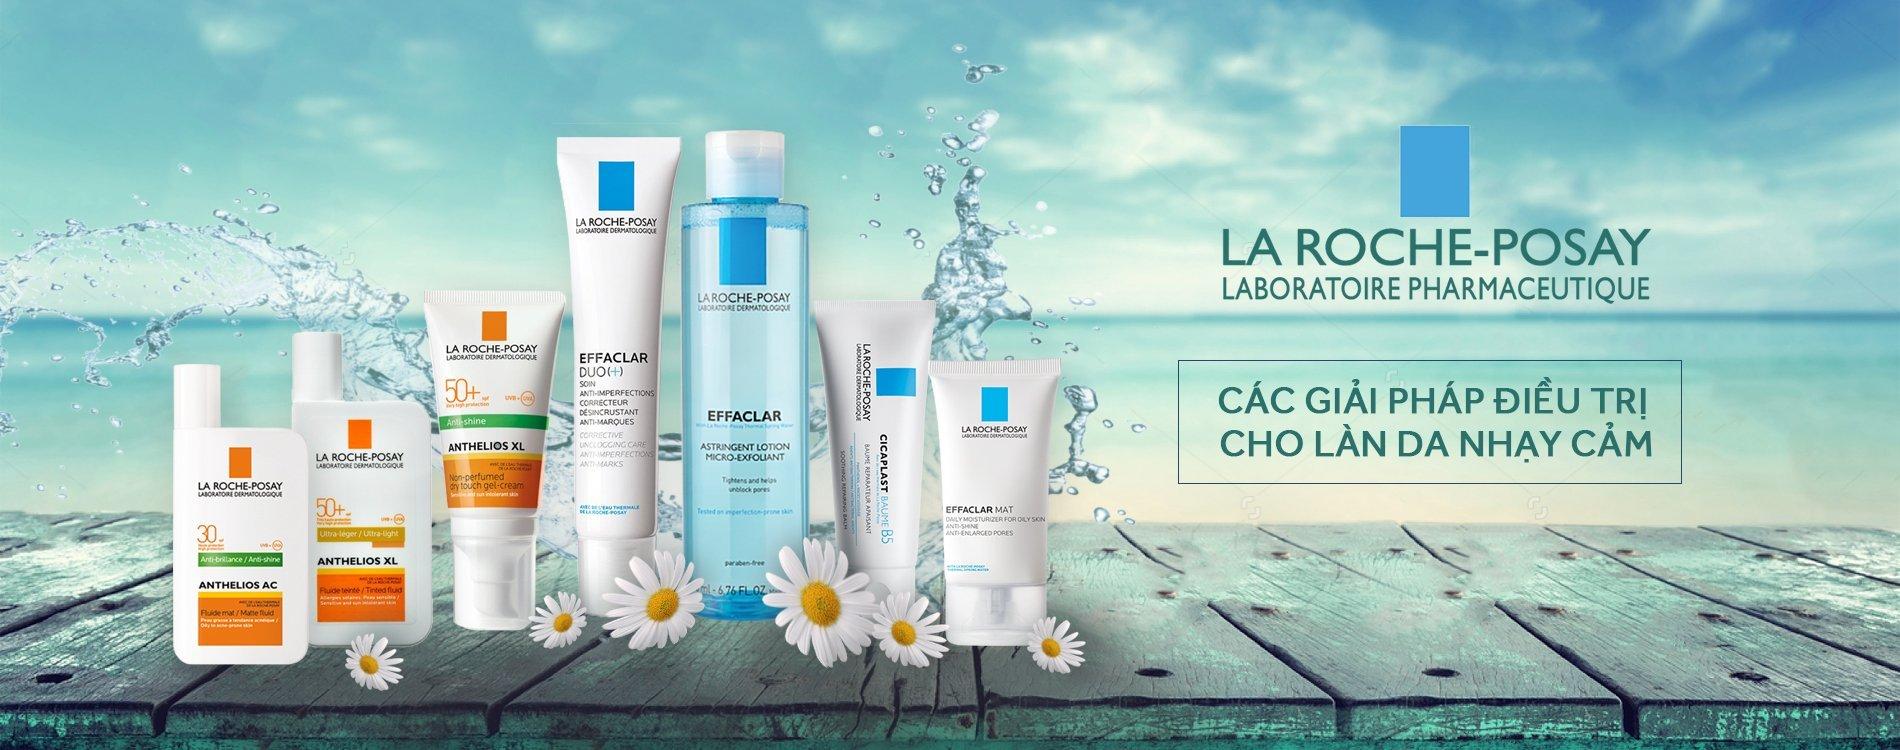 Quá trình hình thành và phát triển thương hiệu La Roche-Posay